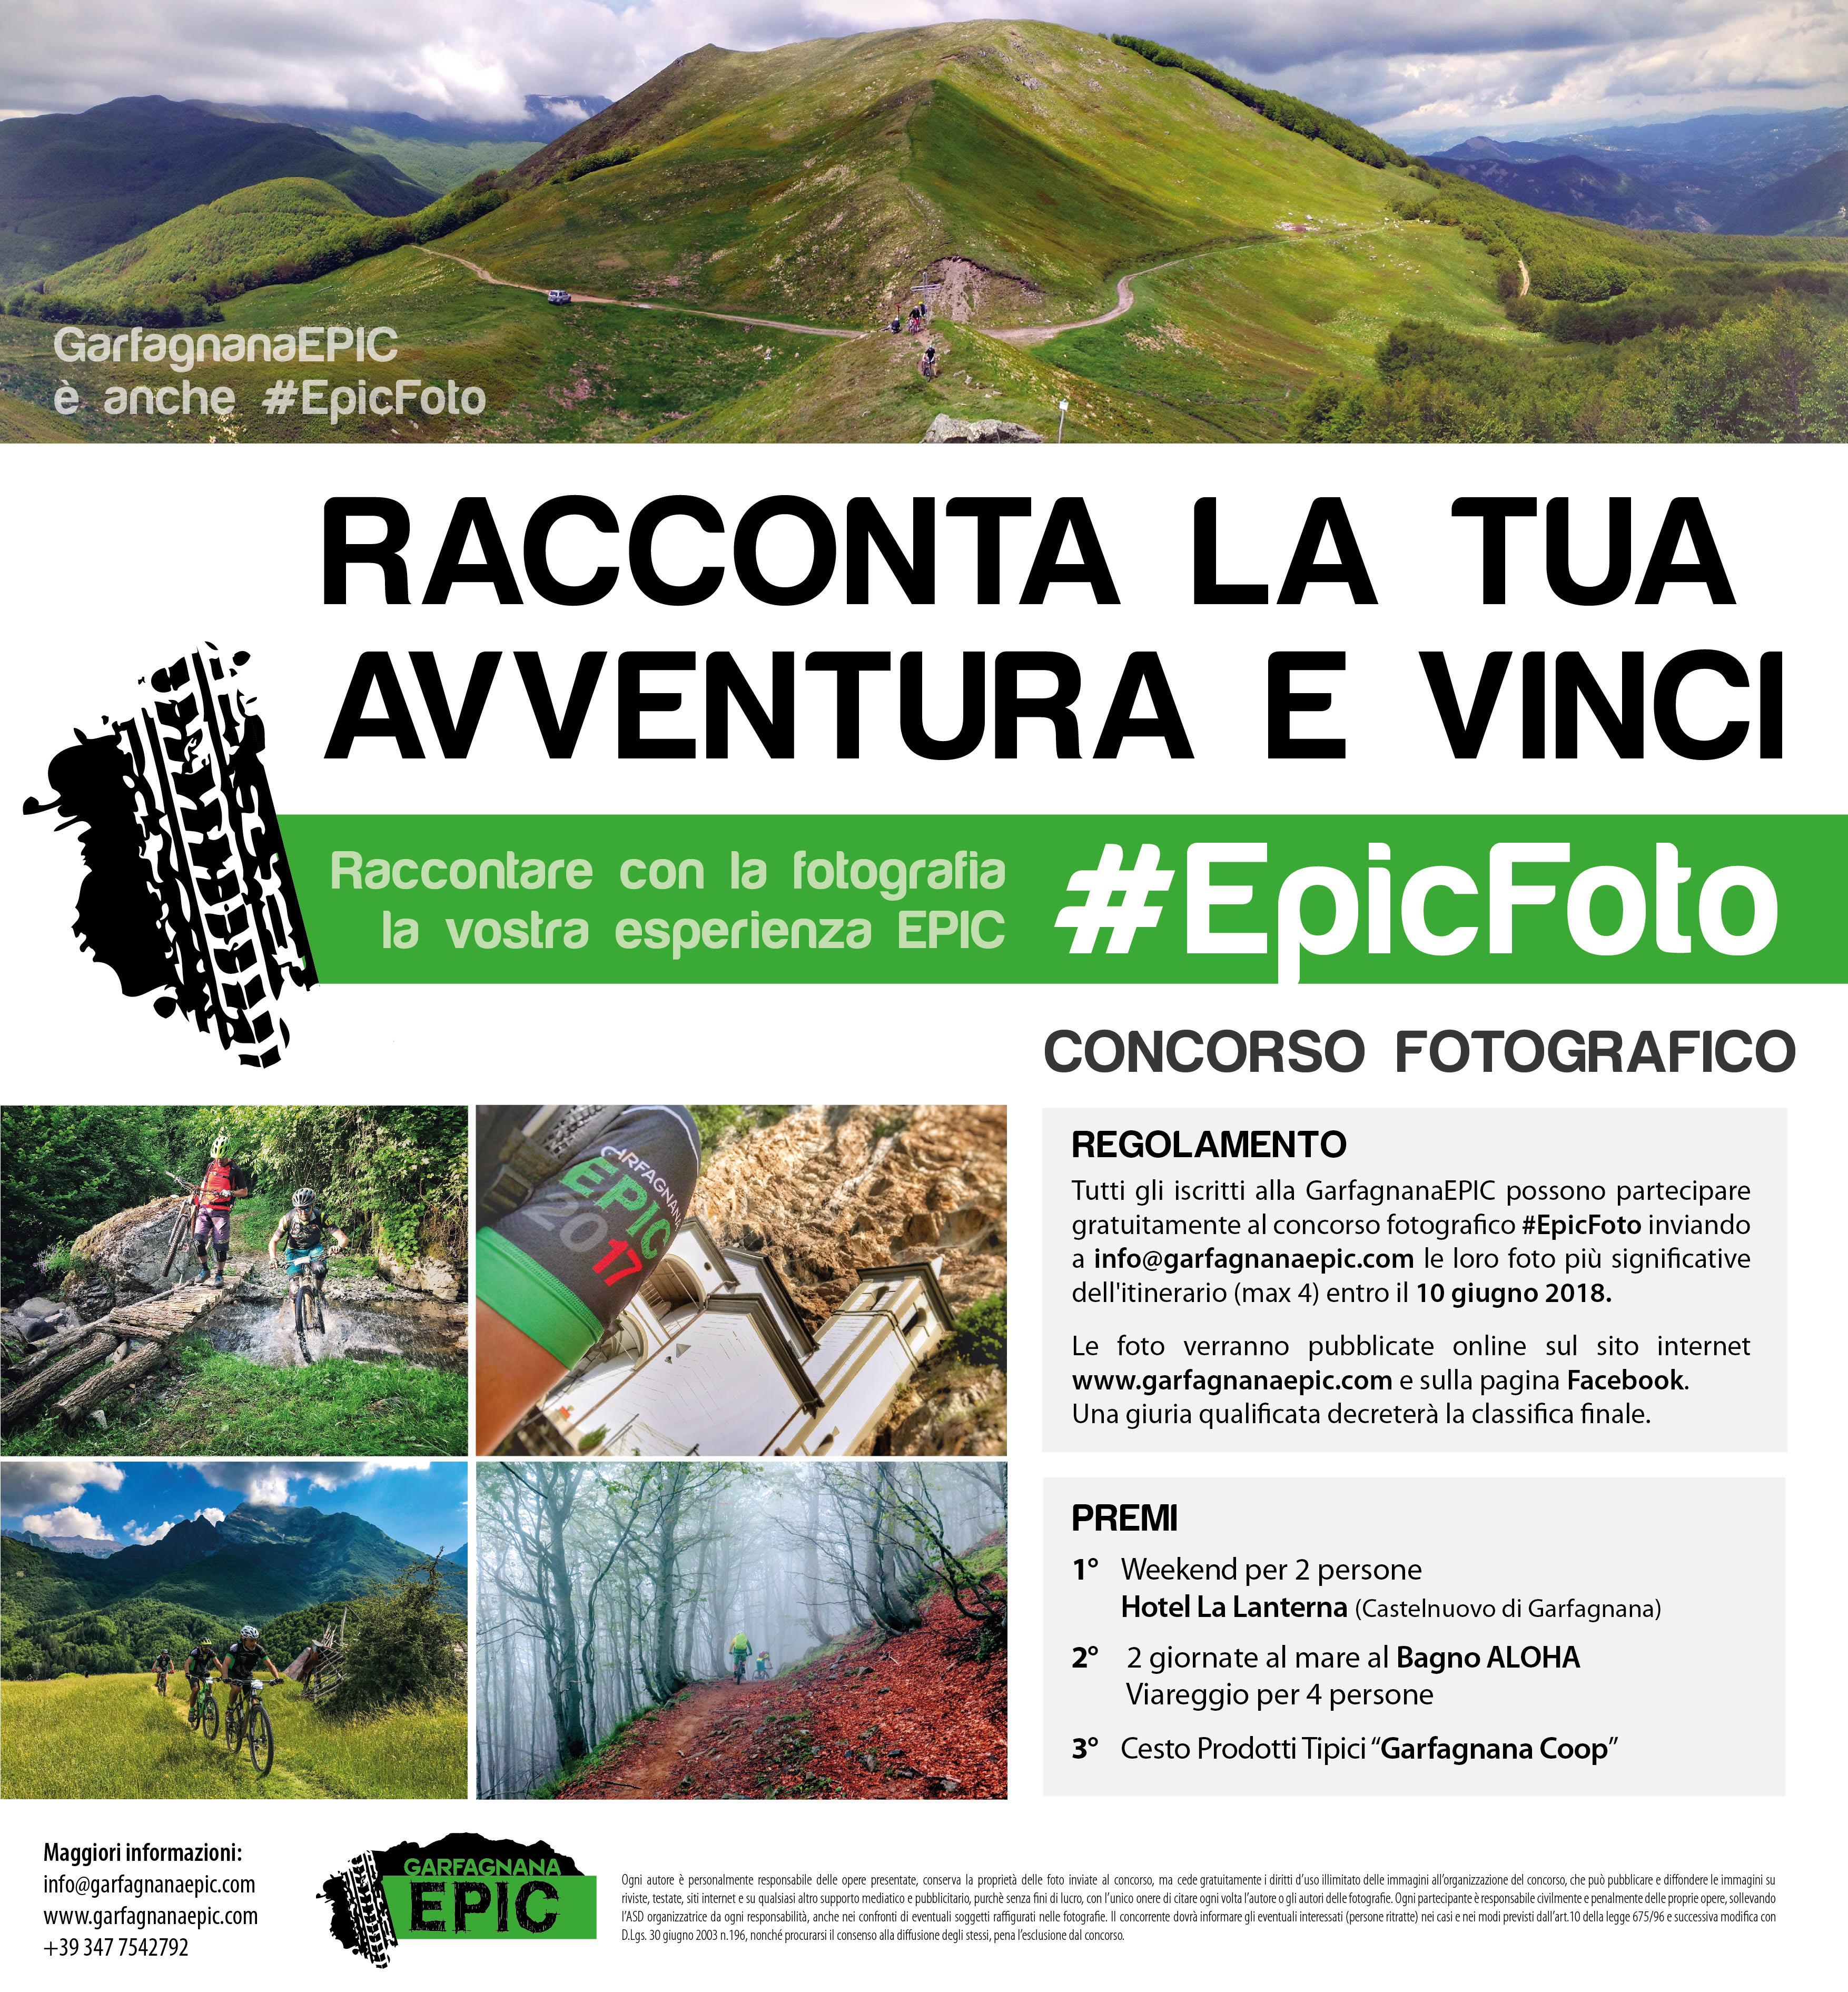 EpicFoto